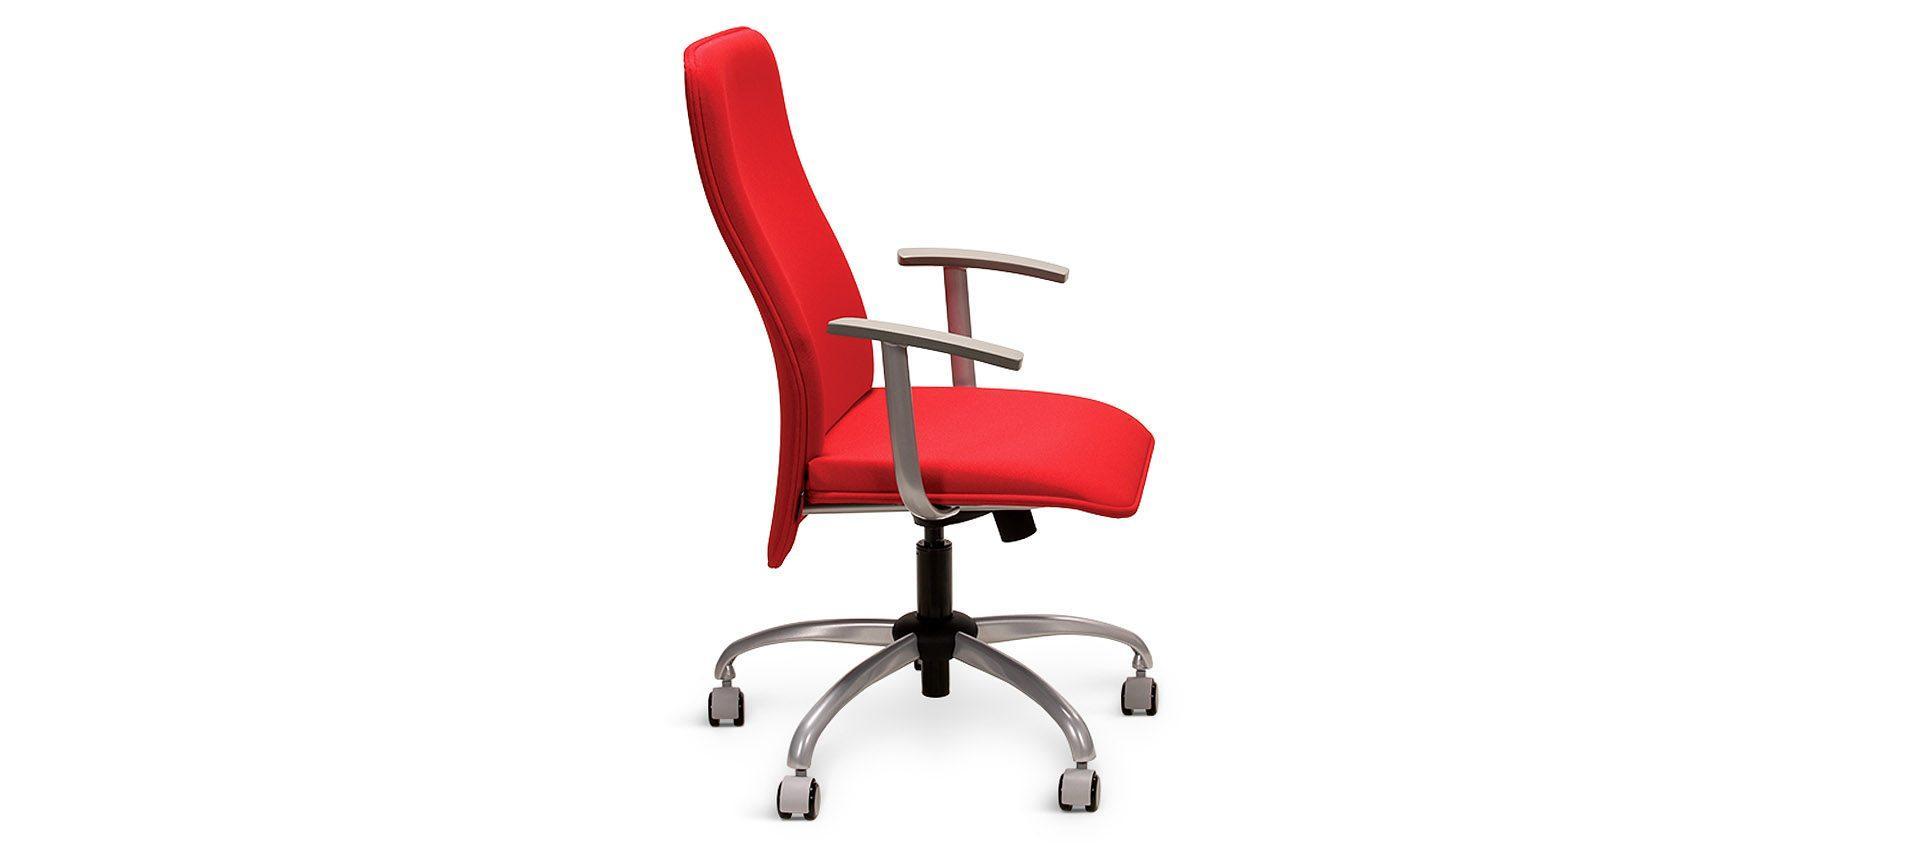 Task chair VERSO Narbutas 1920x864 1